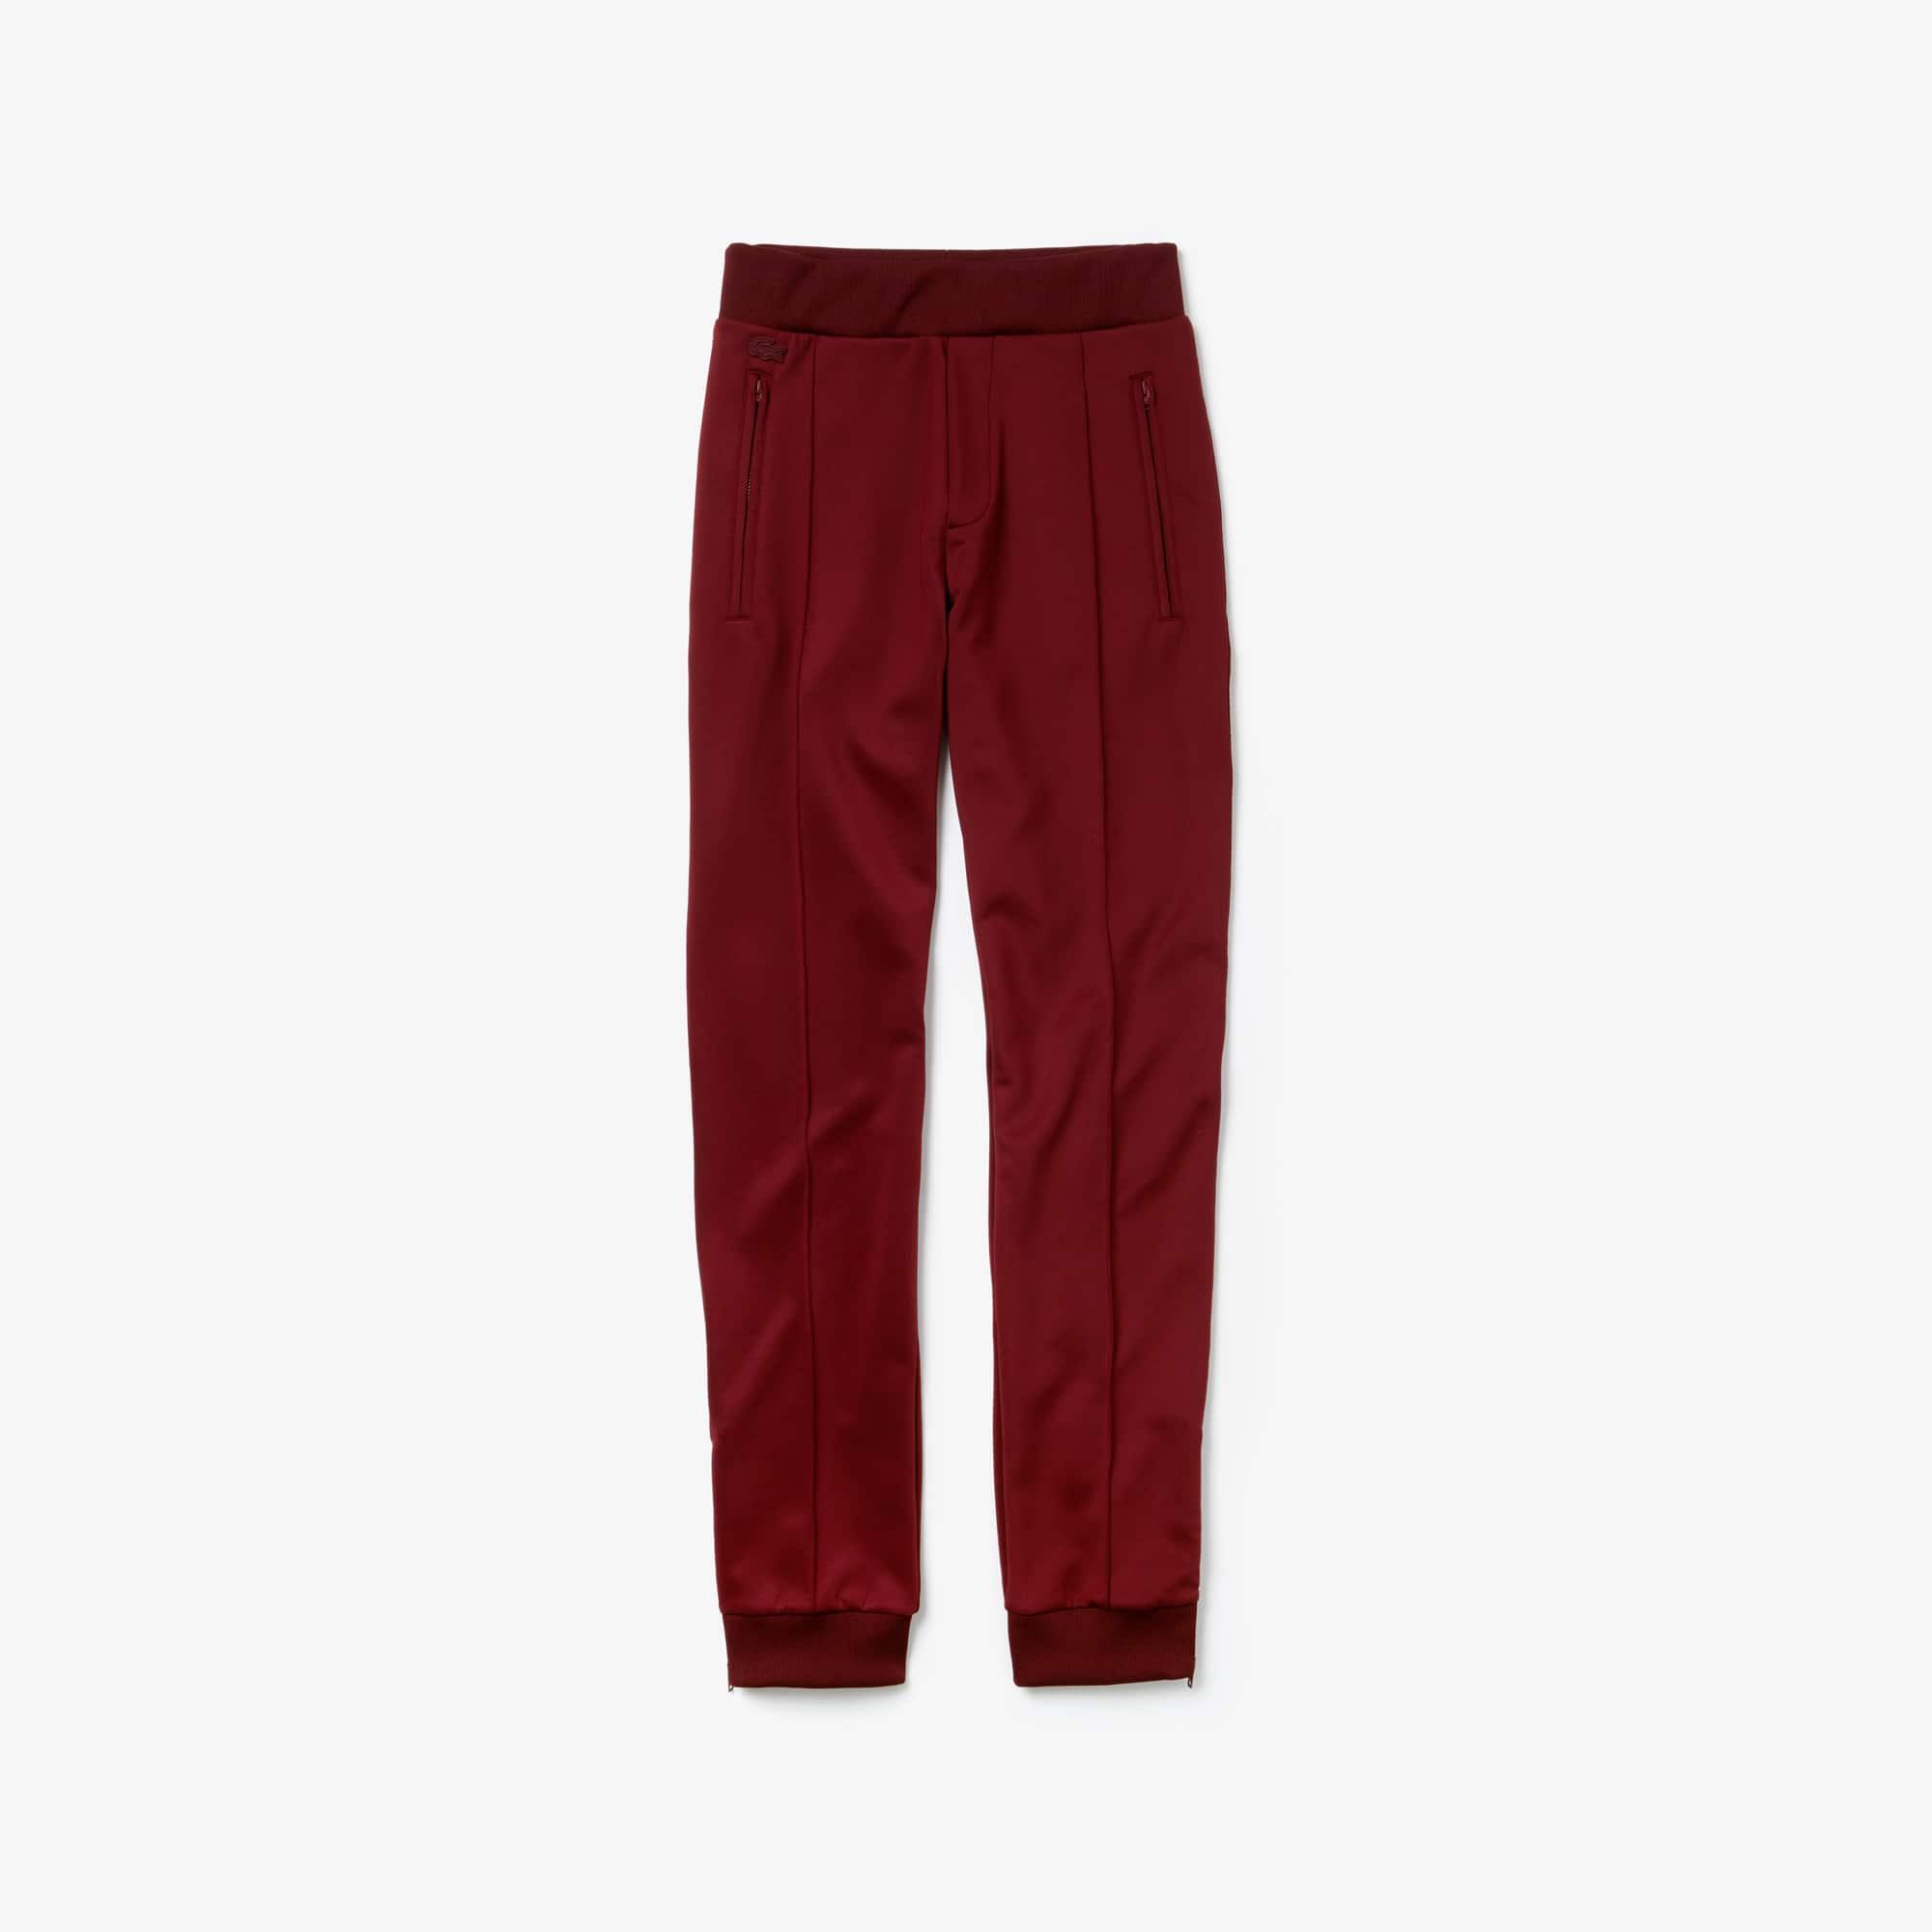 라코스테 Lacoste Womens High Waisted Fashion Sweatpants,bordeaux